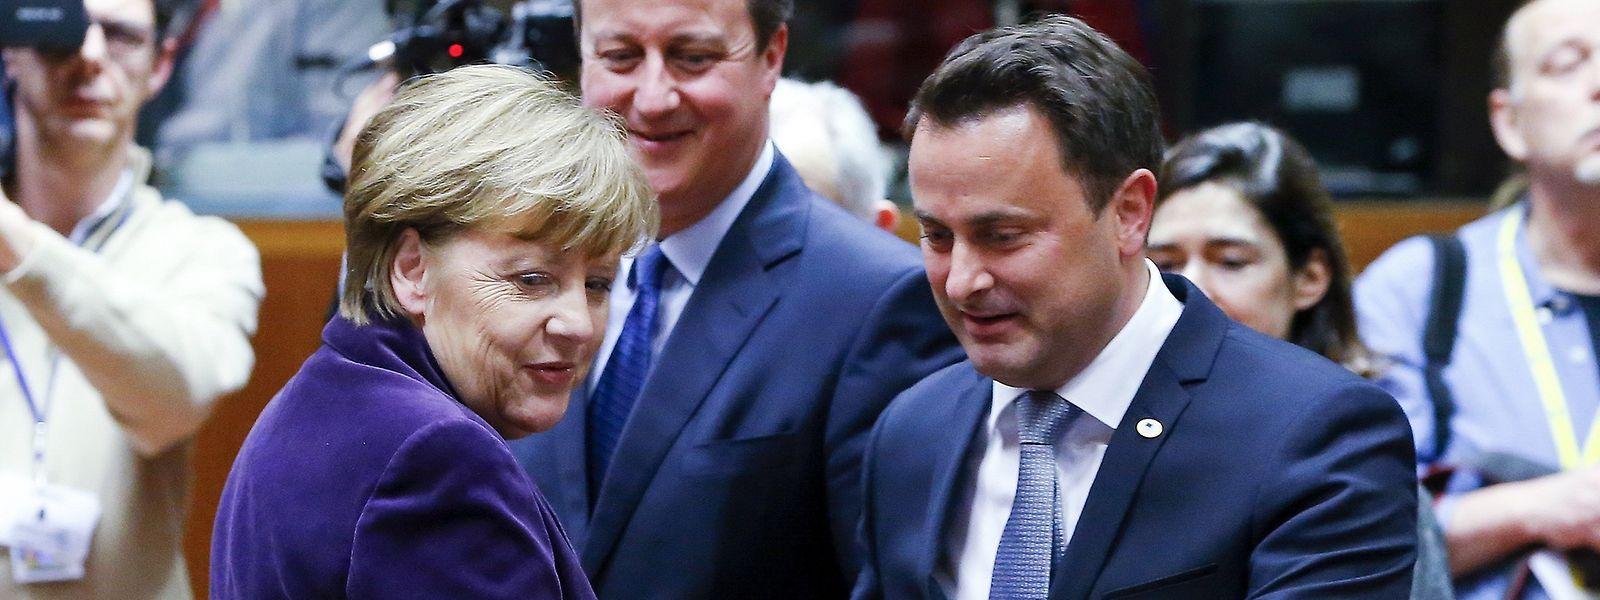 Für Luxemburg nahm Premierminister Xavier Bettel an den Gesprächen teil.